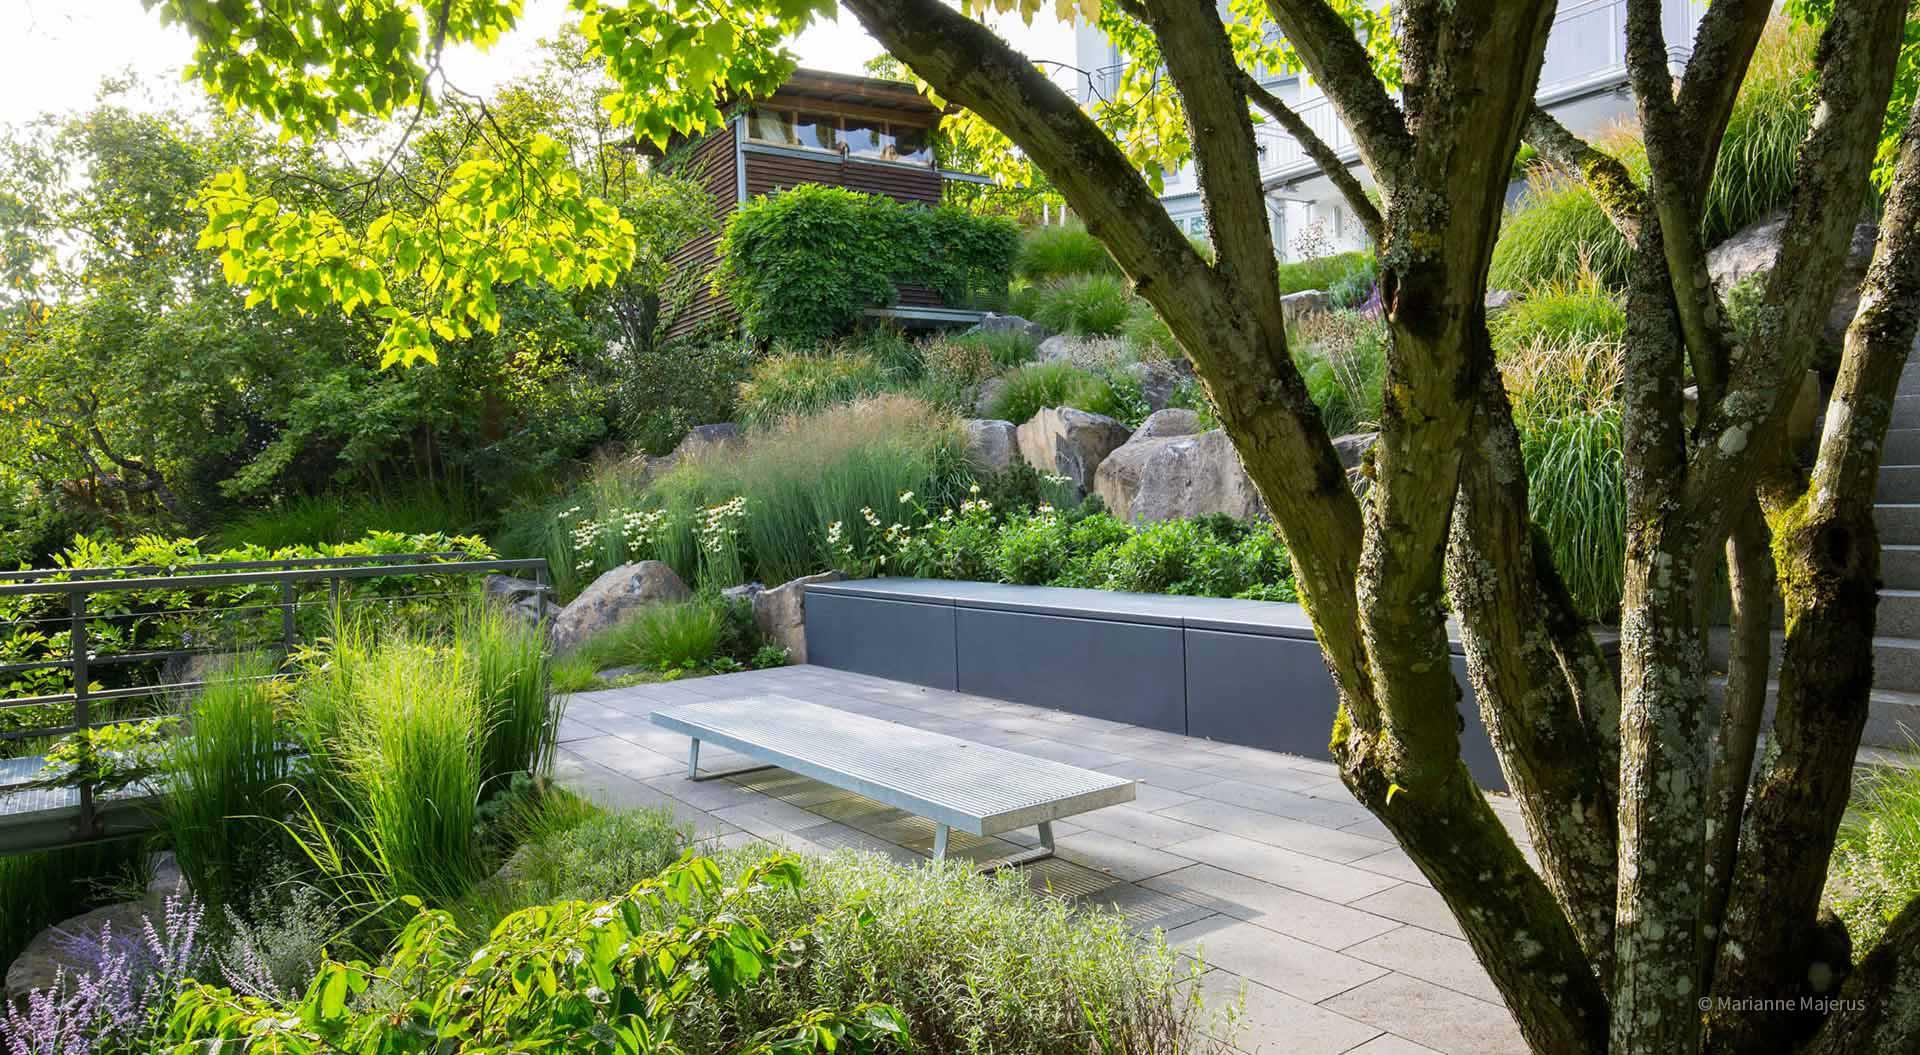 Moderne Terrasse mit Beton und geraden Formen im Grünen